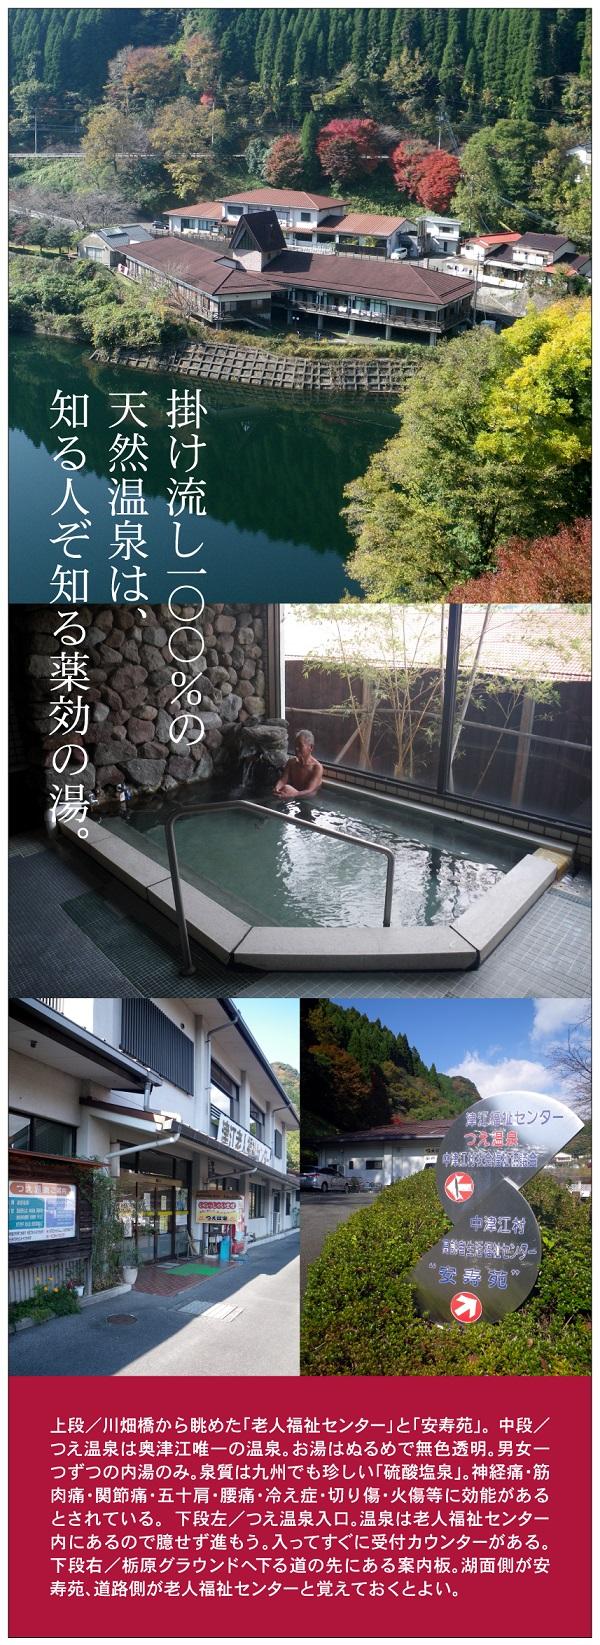 つえ温泉/紹介/01